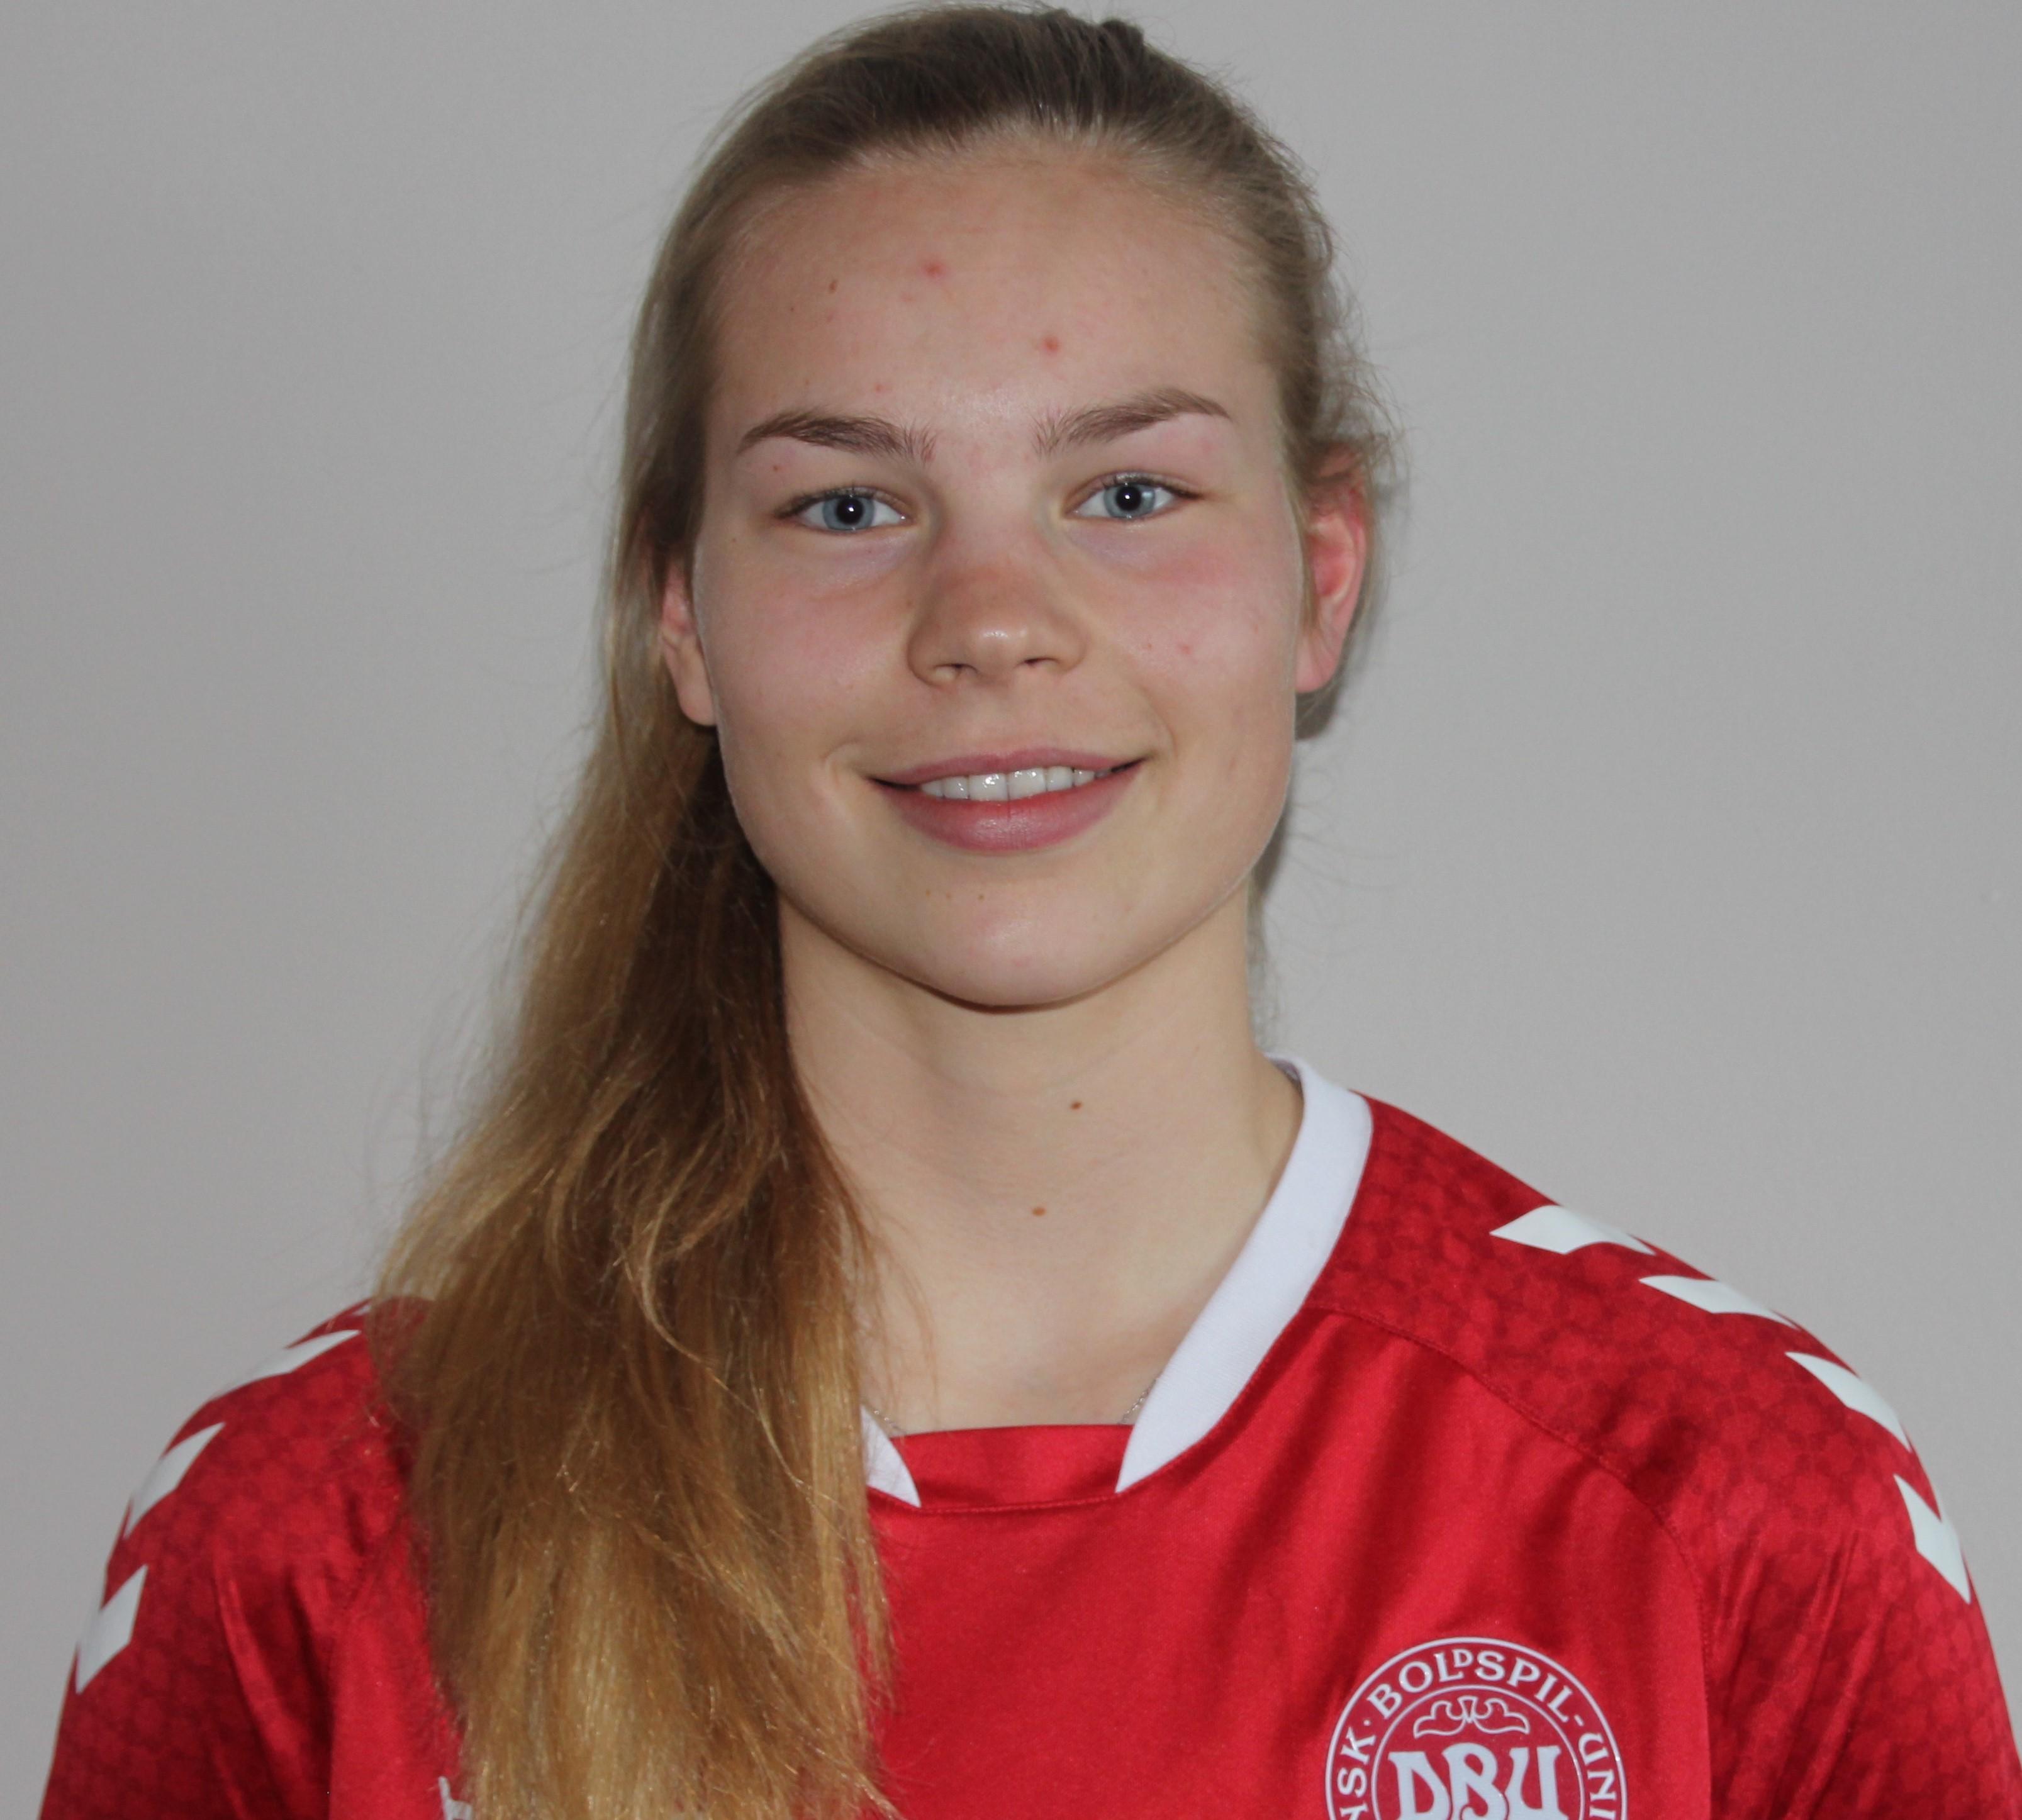 Sofie Riis